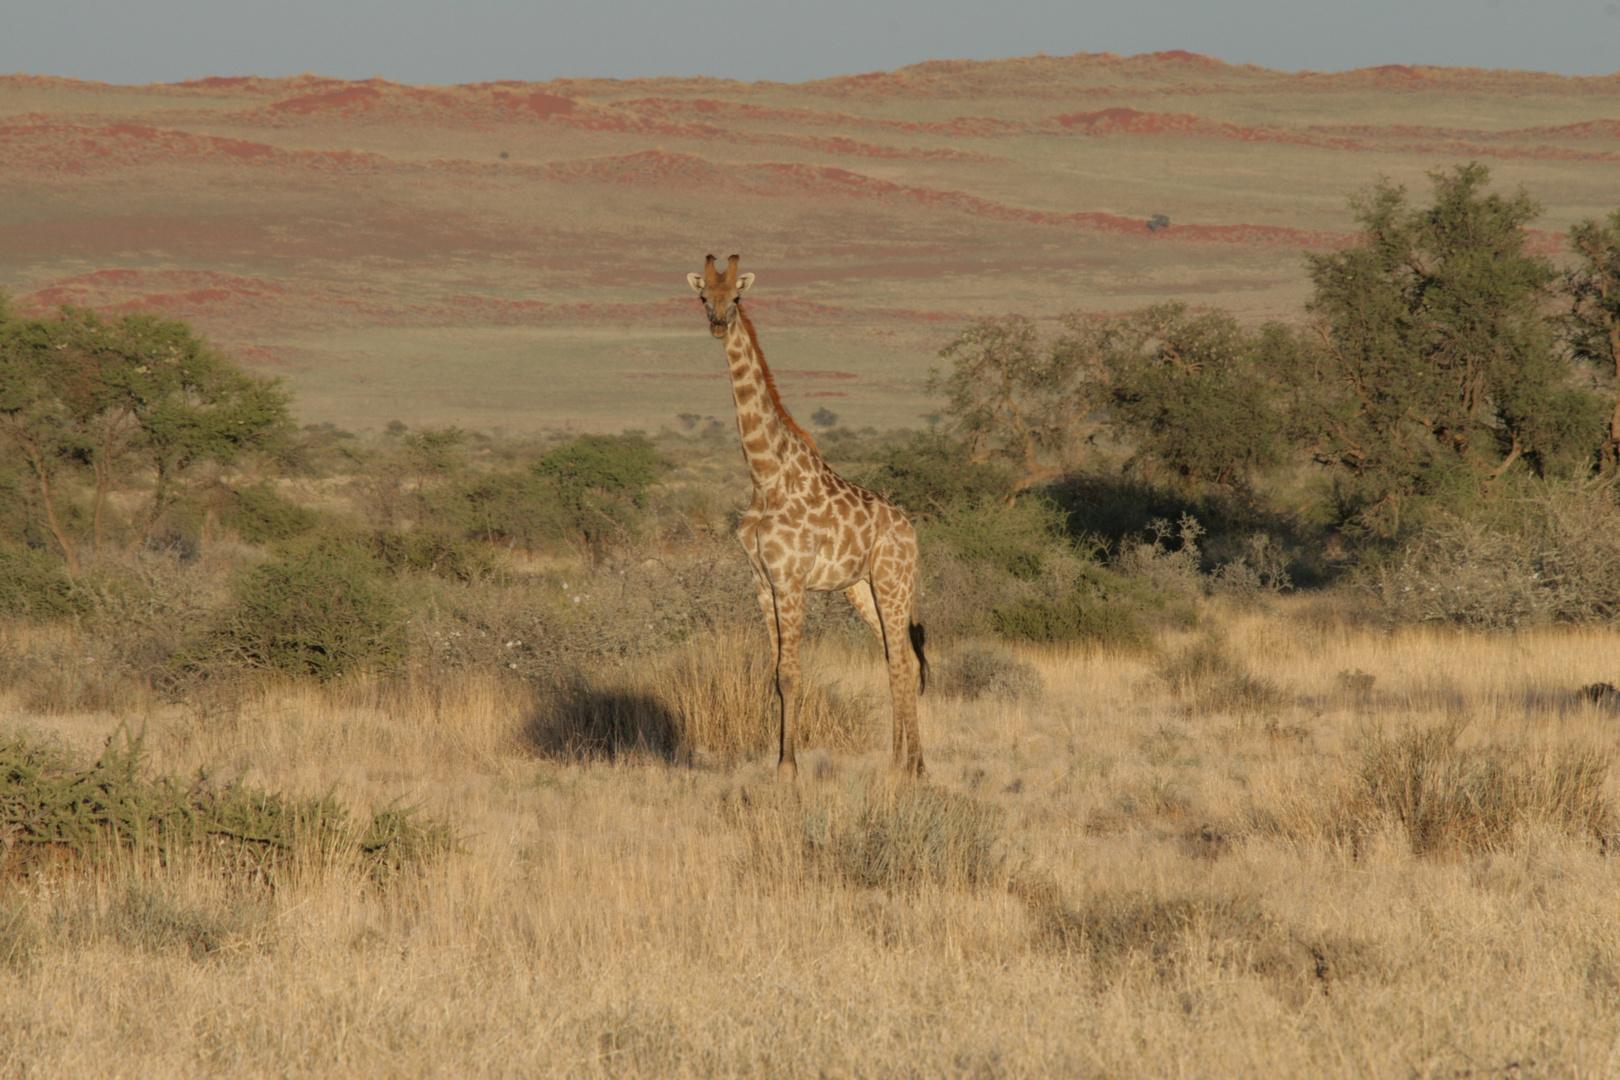 Giraffe am Rande der Namibwueste